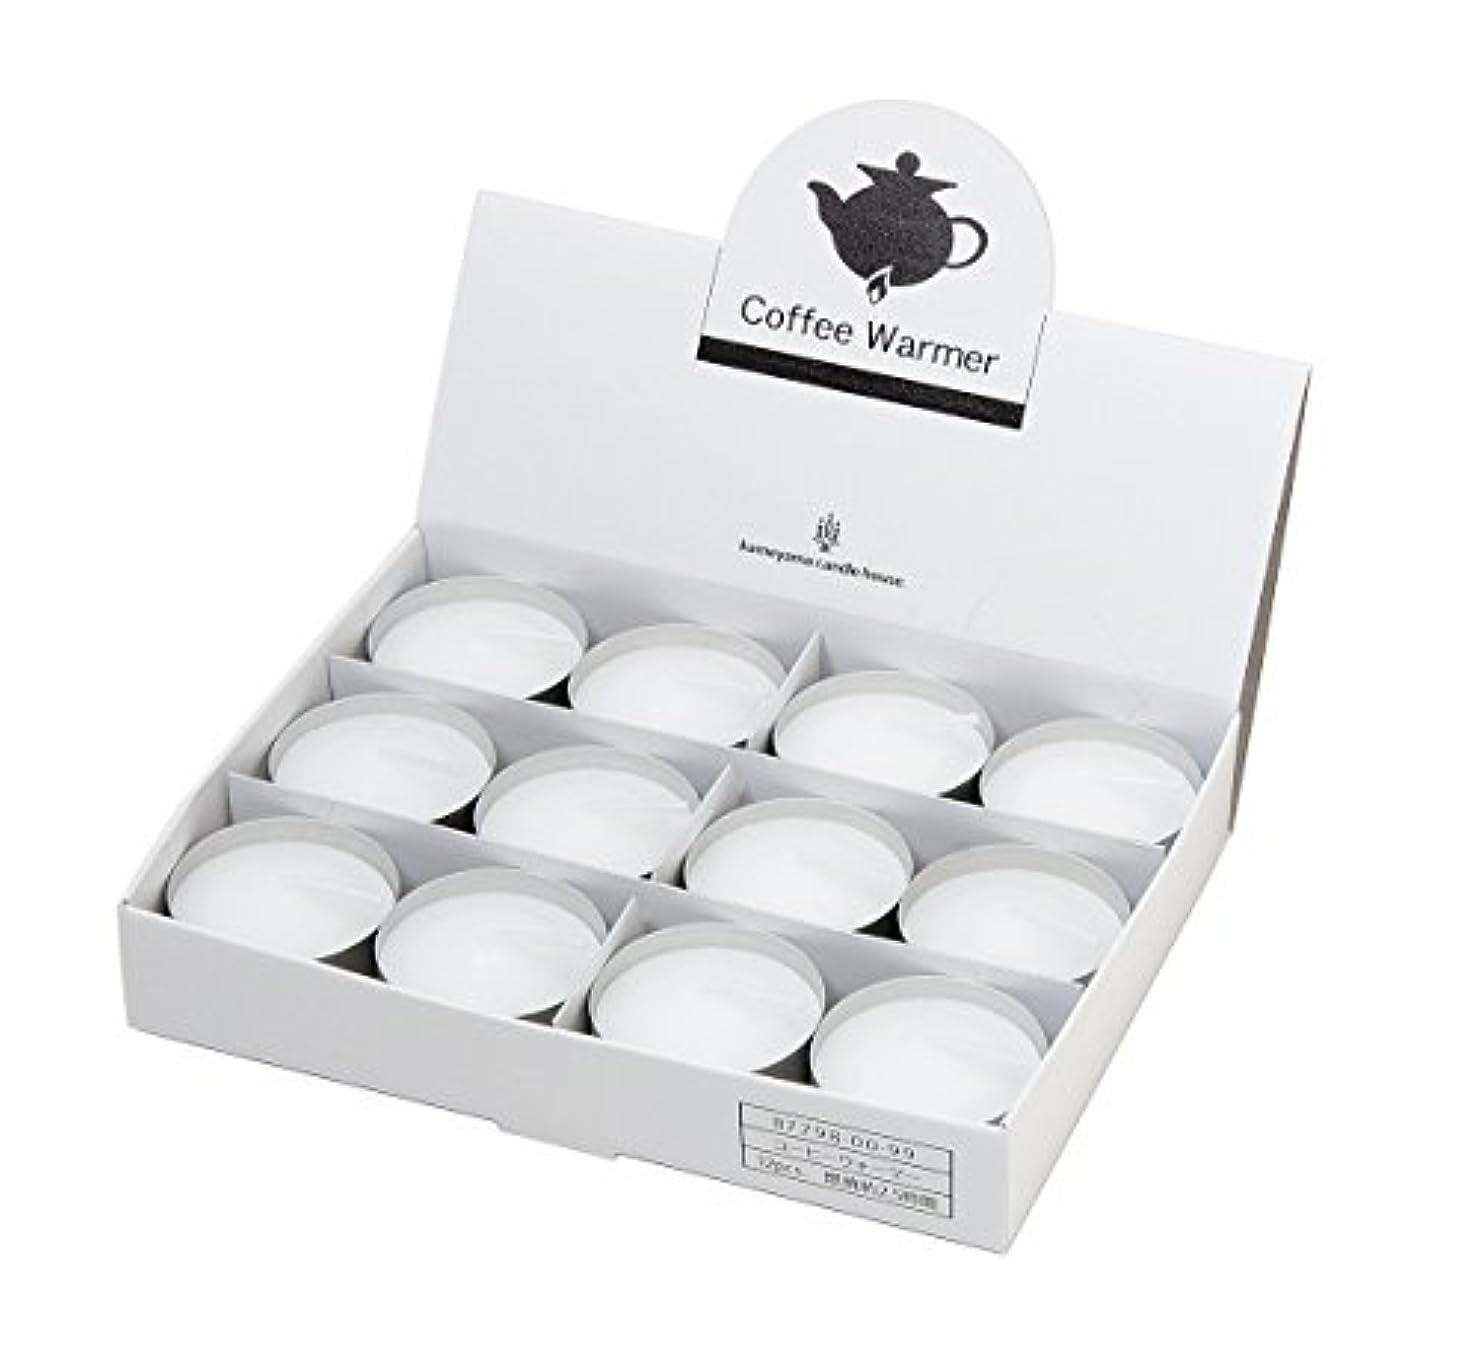 パパ子豚ポーンカメヤマキャンドルハウス チョコレートフォンデュなどにもおすすめ 大きめ炎で保温できる コーヒーウォーマーキャンドル(1箱12個入) 燃焼時間約2時間30分